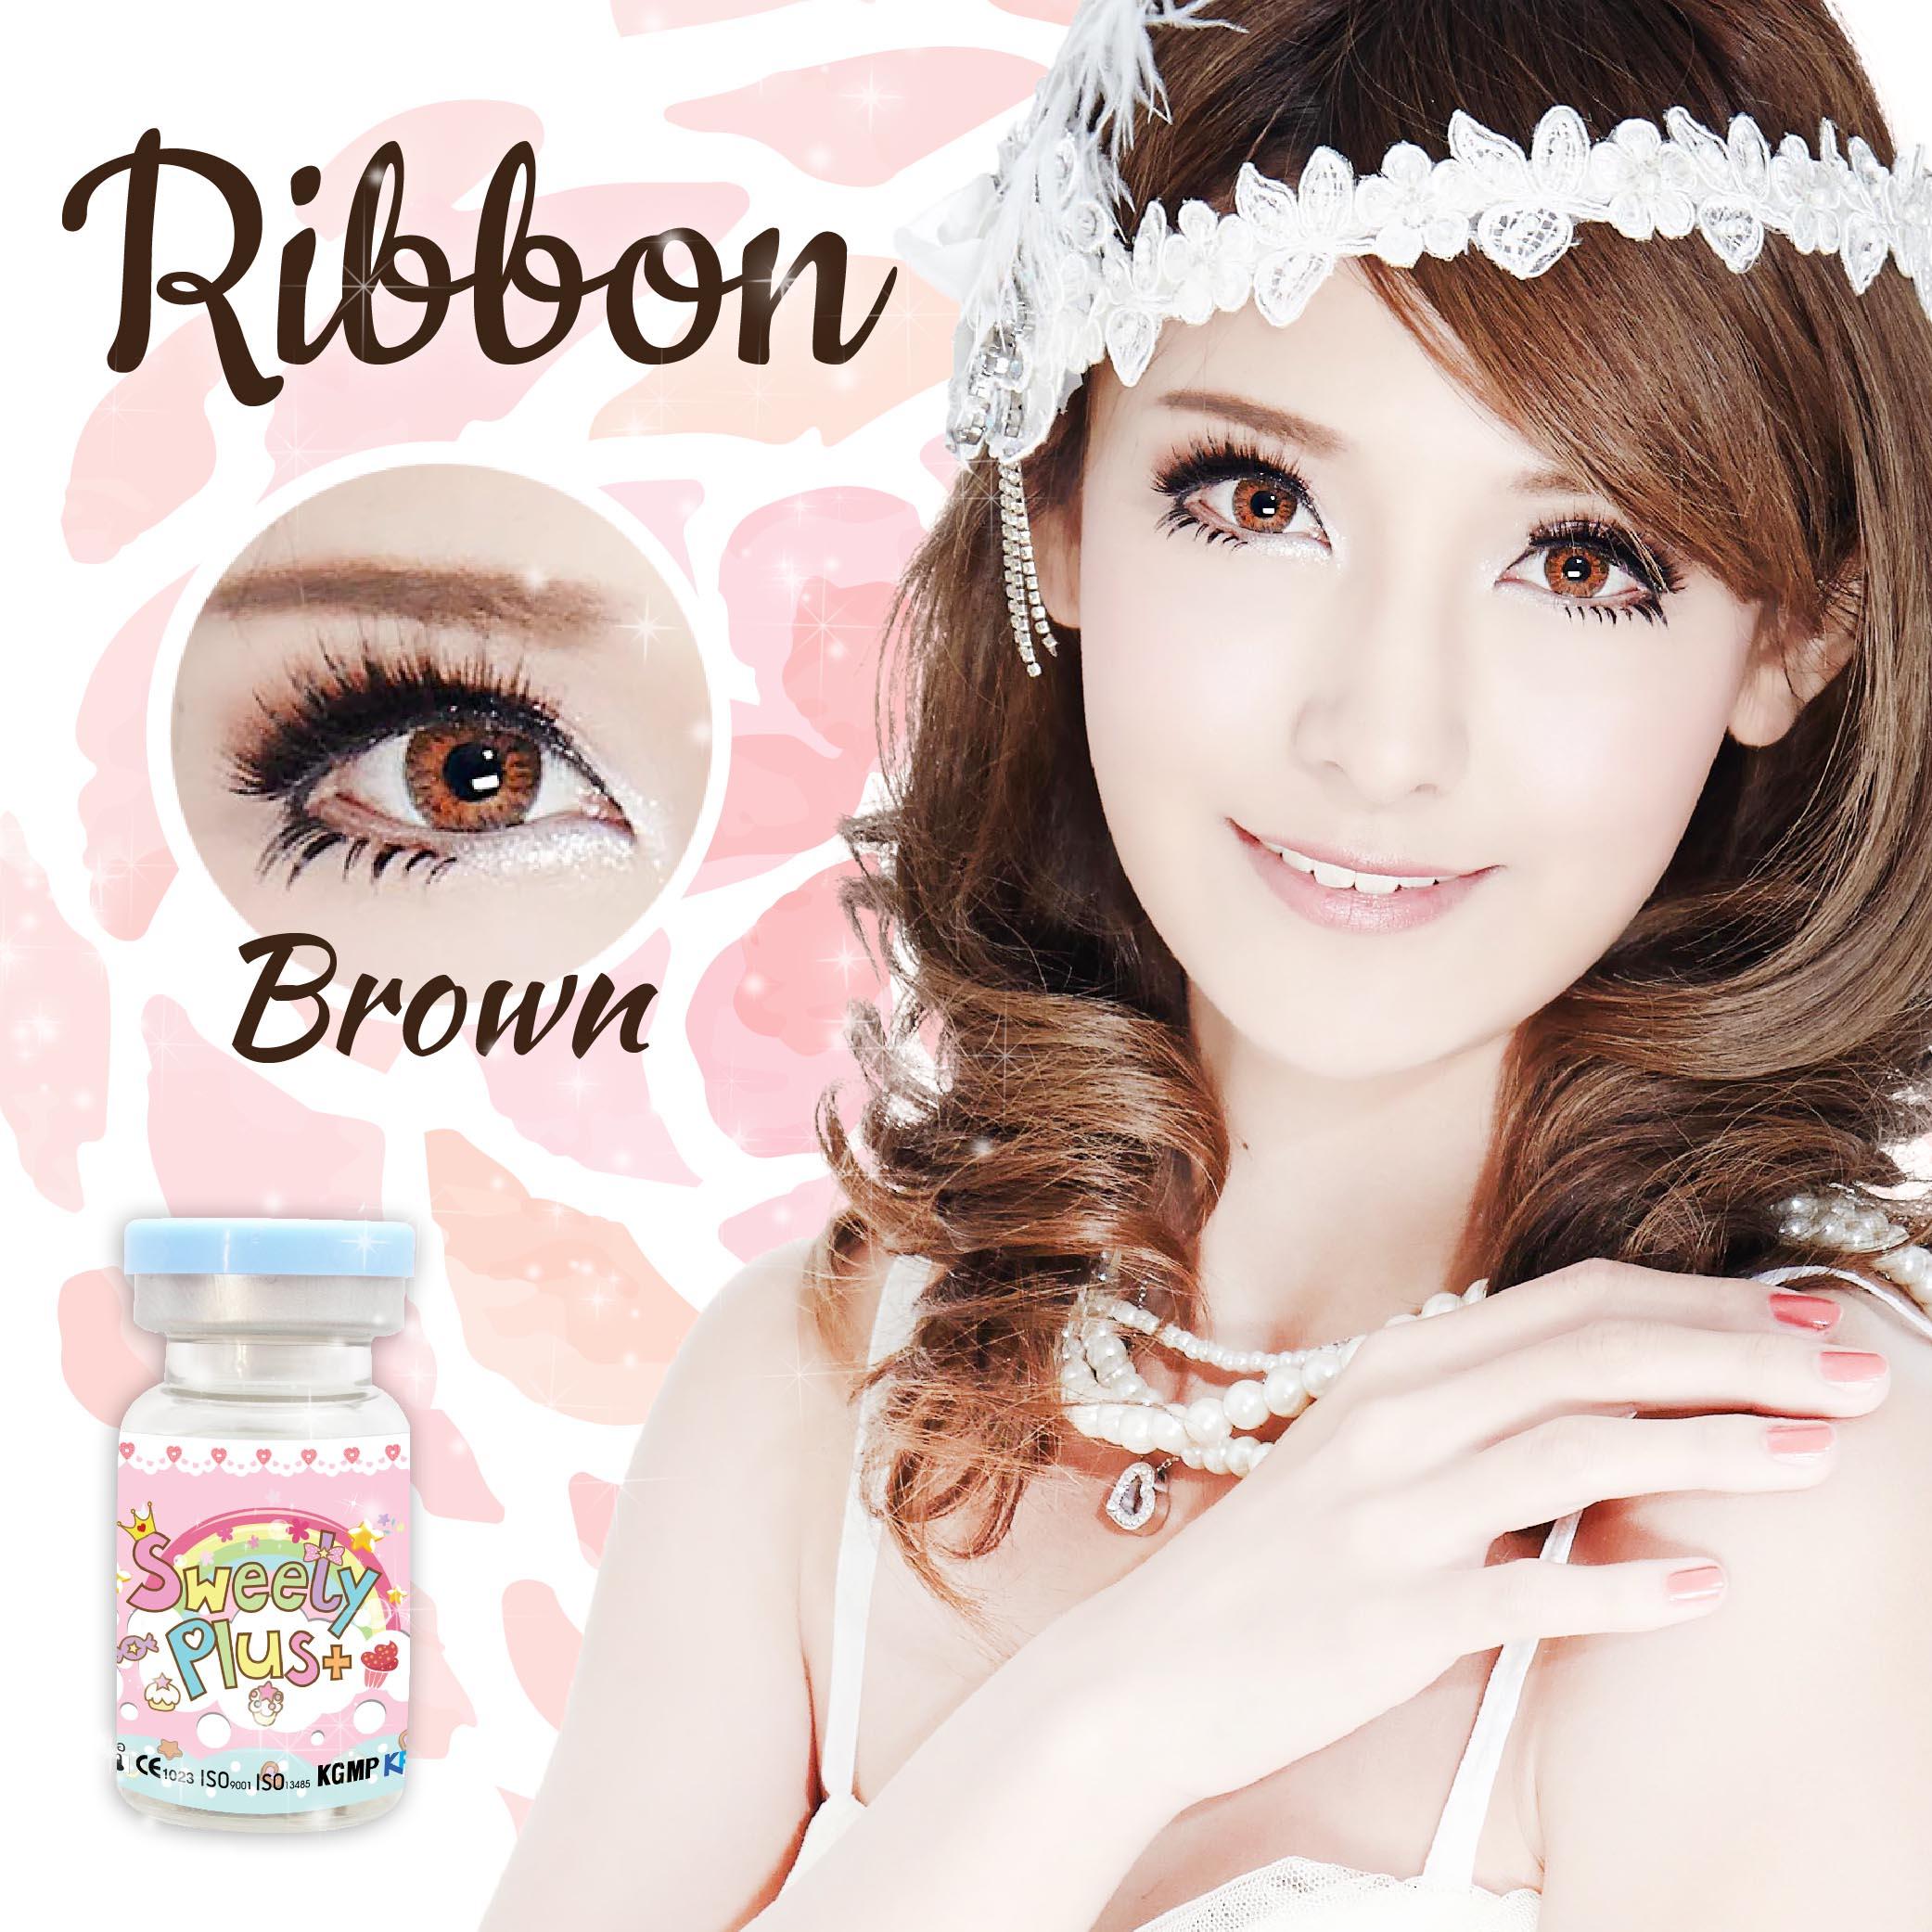 Ribbon - brown